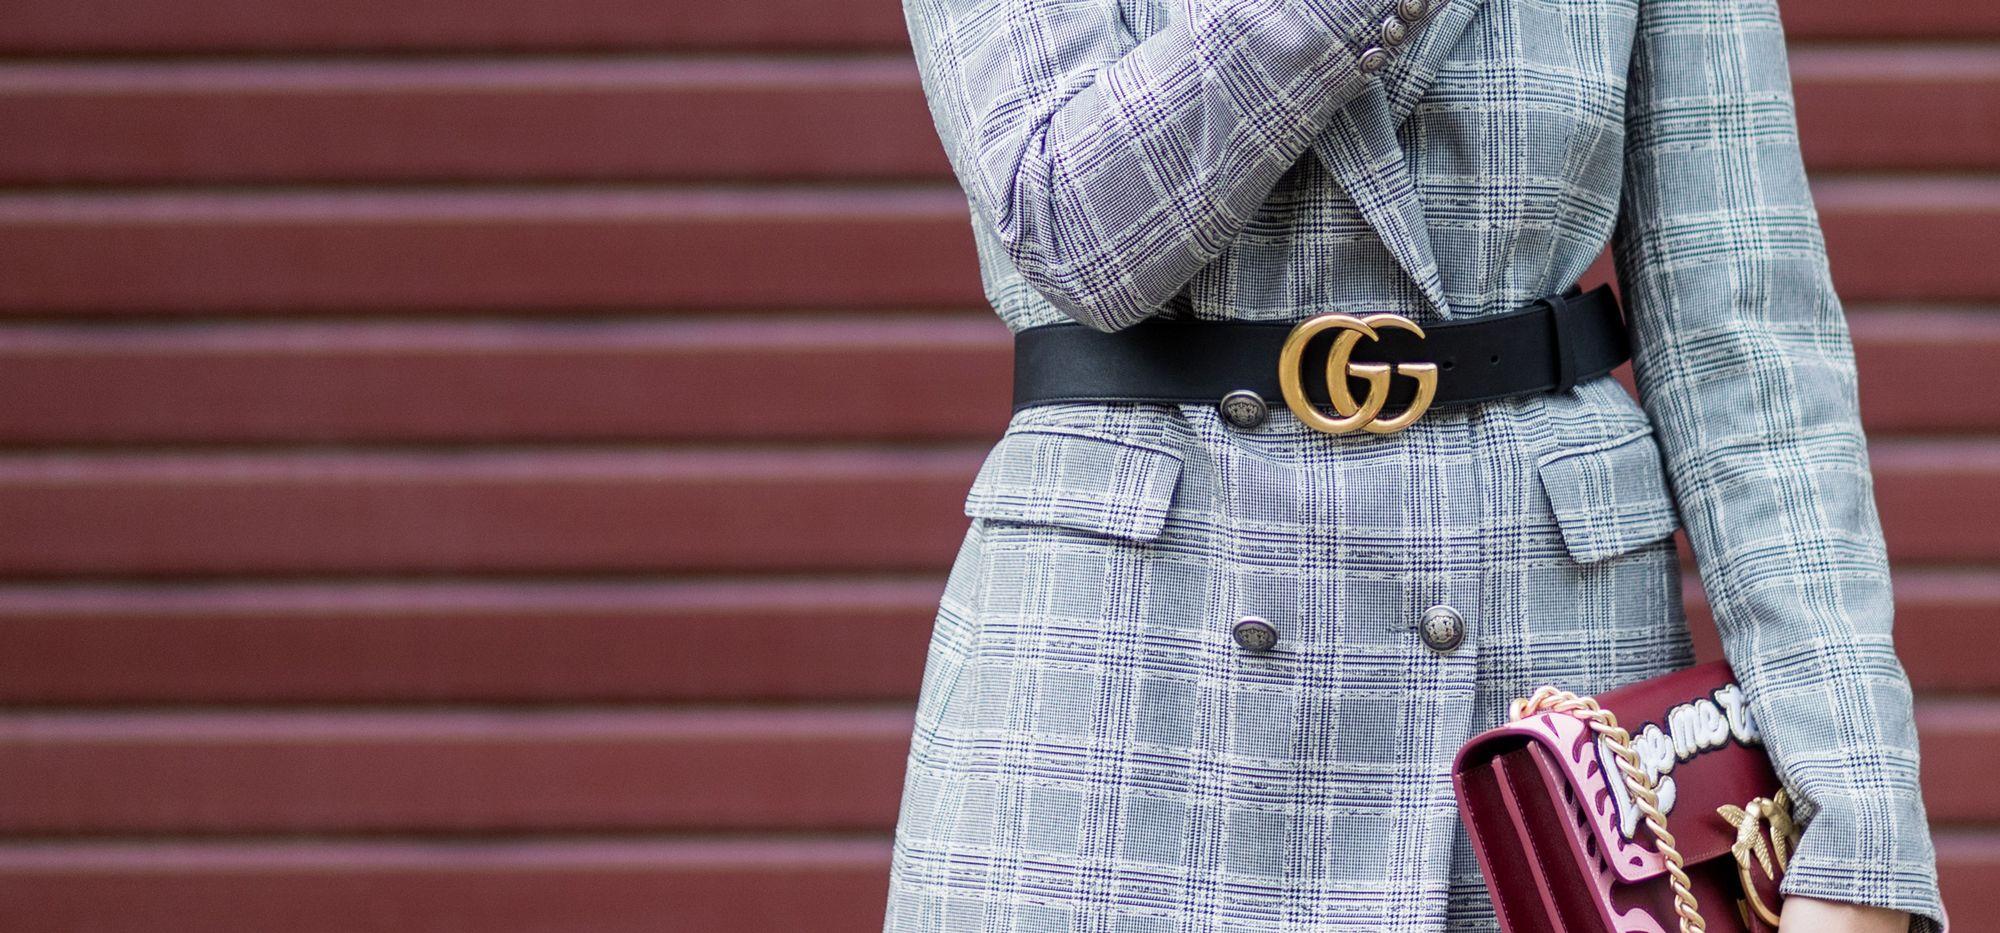 H M tiene la versión  low  del cinturón más buscado - La versión  low  del  cinturón de Gucci 953631e6dde